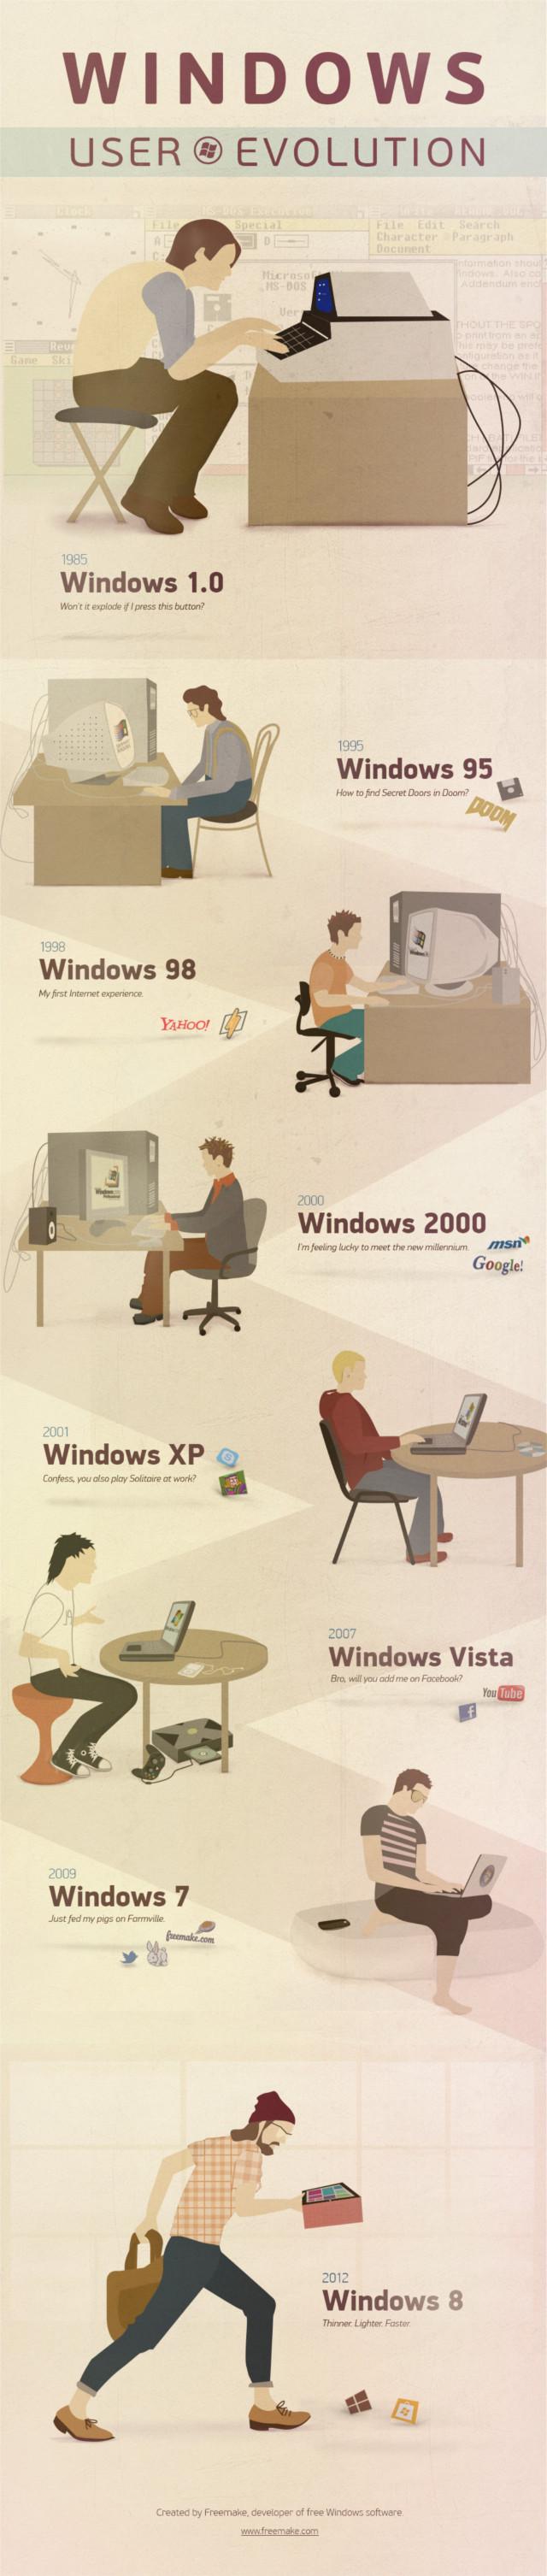 The Evolution of Windows Users Over The Decades, de evolutie van Windows-gebruikers